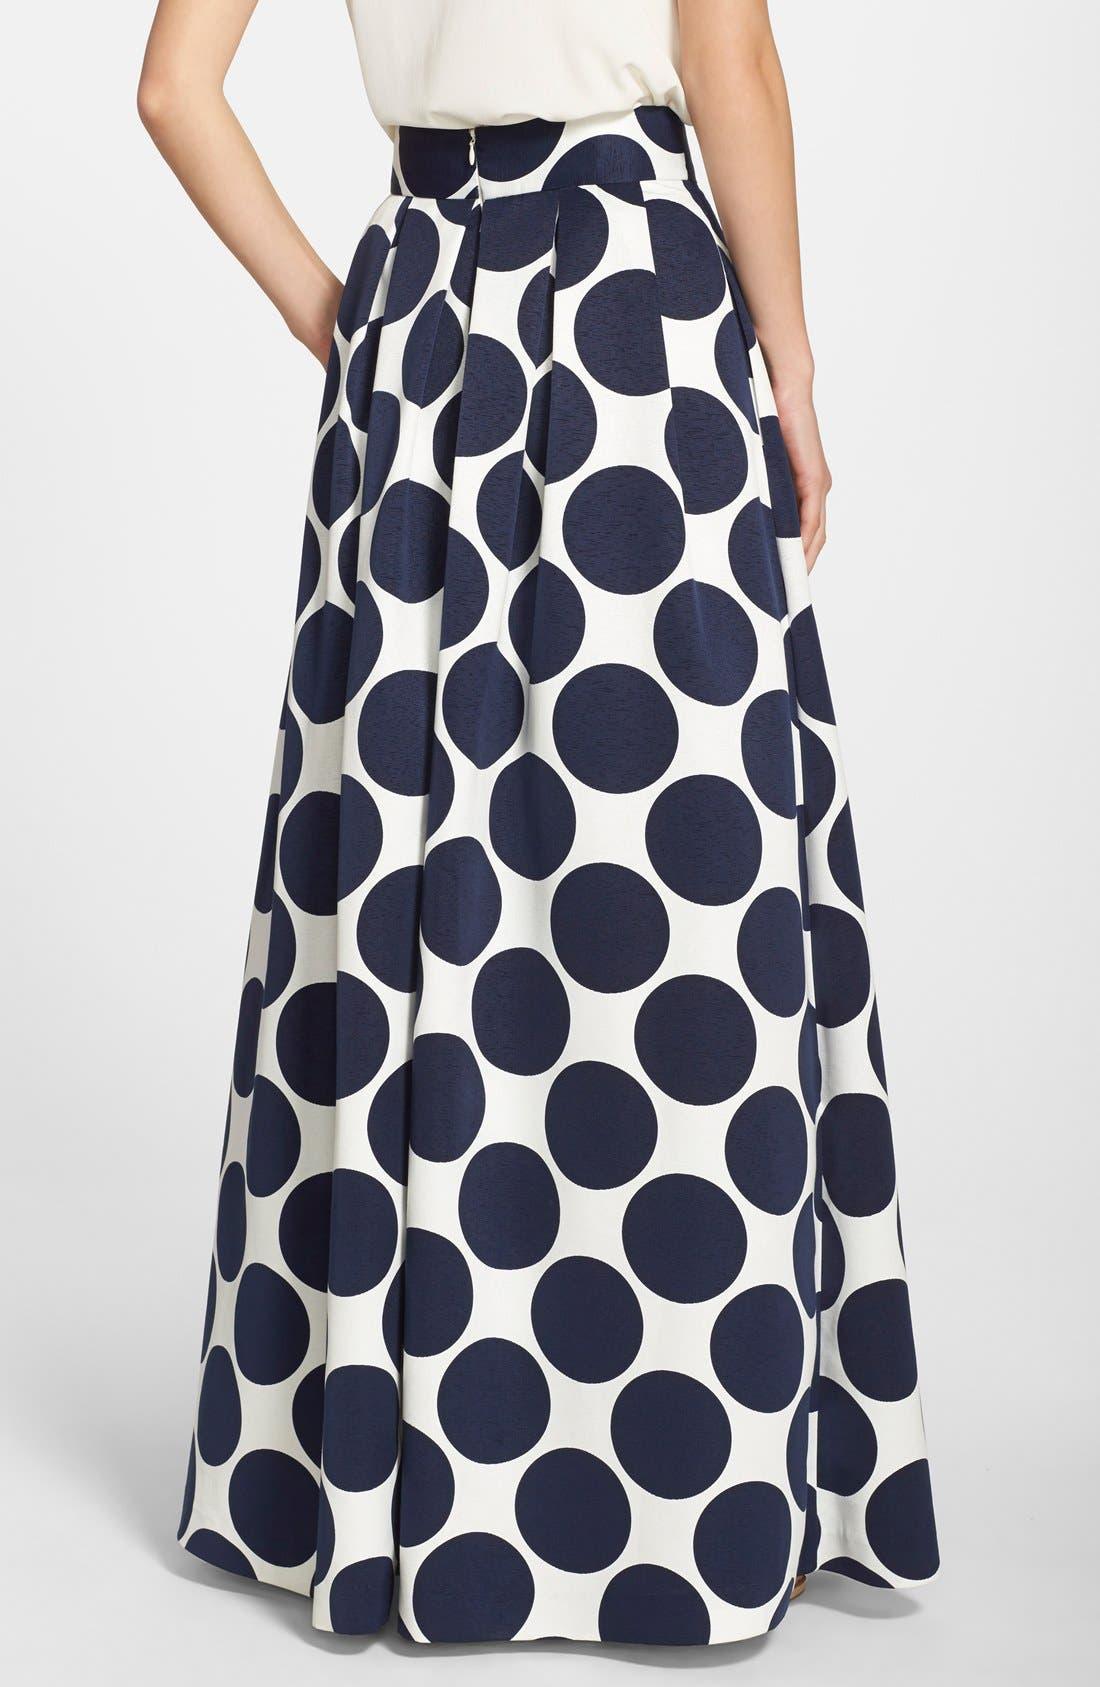 Pleated Dot Print Ball Skirt,                             Alternate thumbnail 2, color,                             Navy/ Ivory